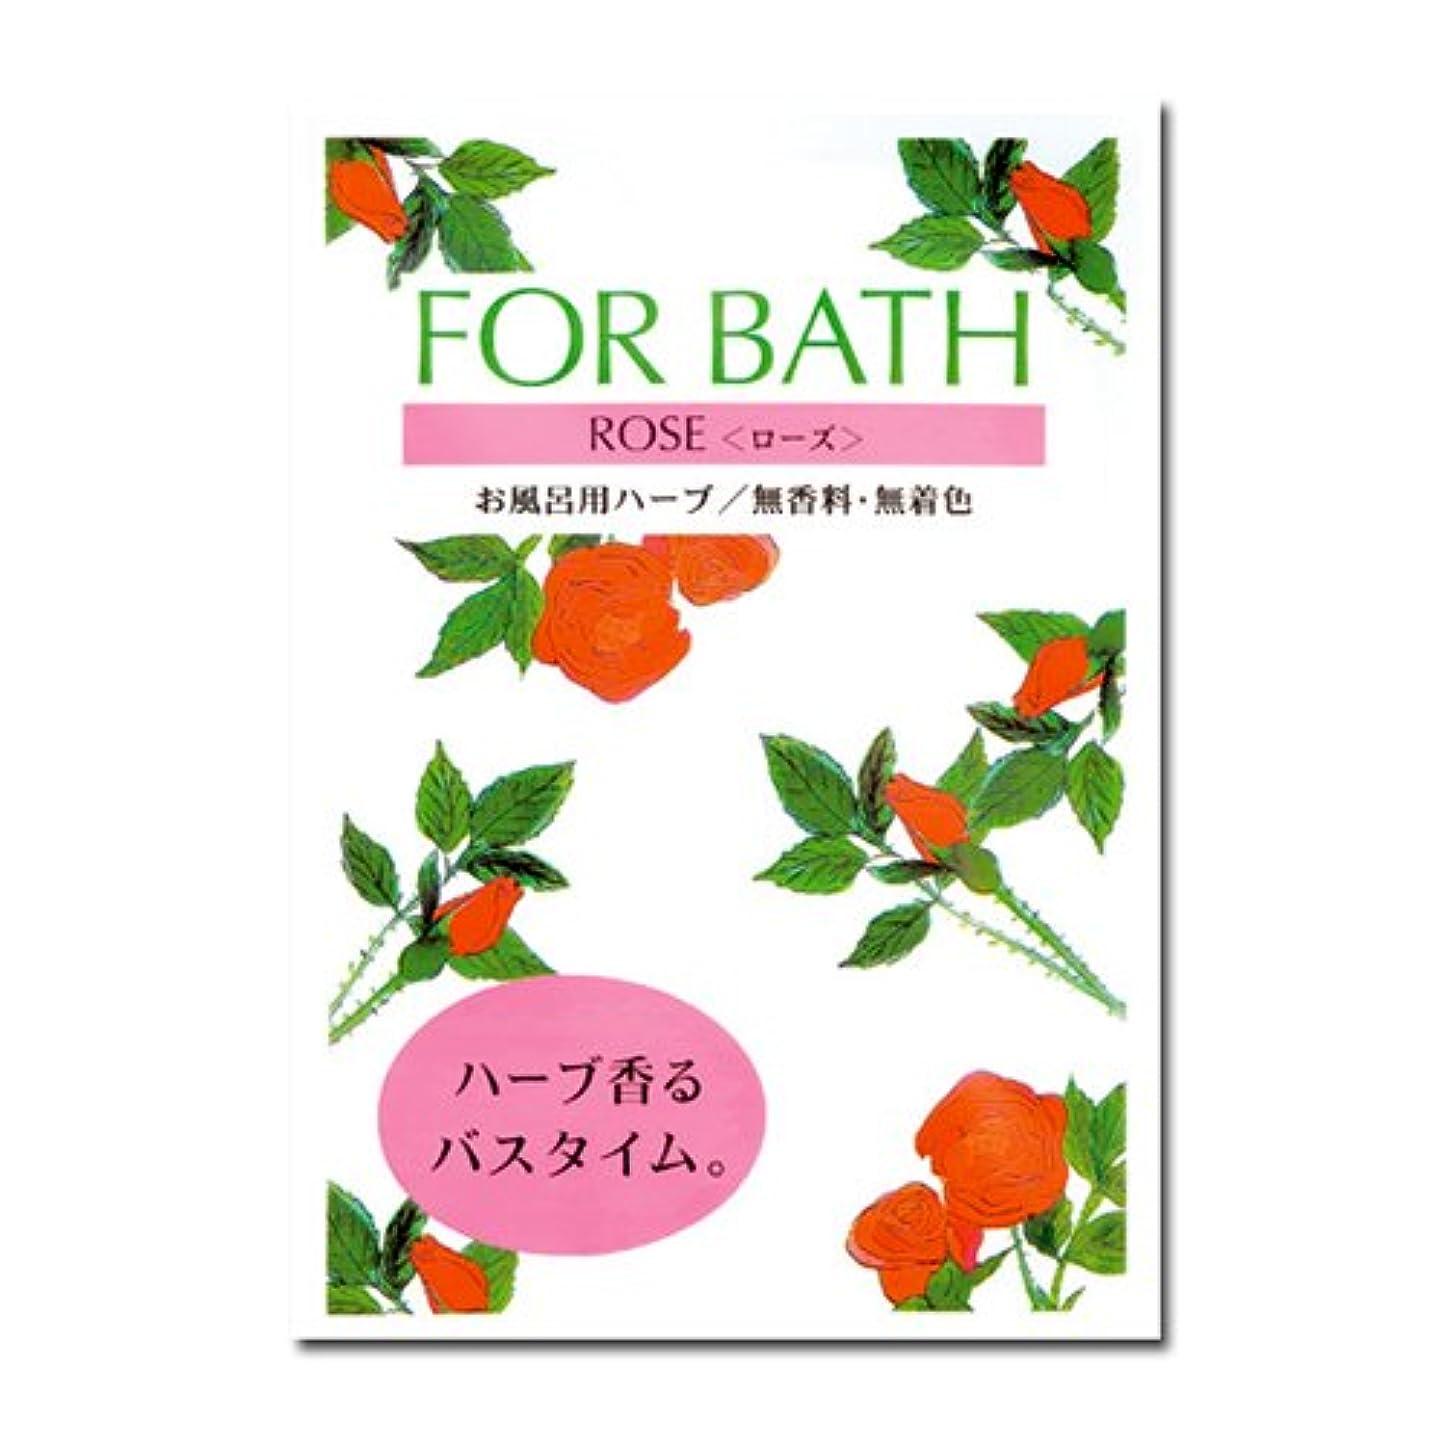 パース相対性理論受賞フォアバス ローズx30袋[フォアバス/入浴剤/ハーブ]